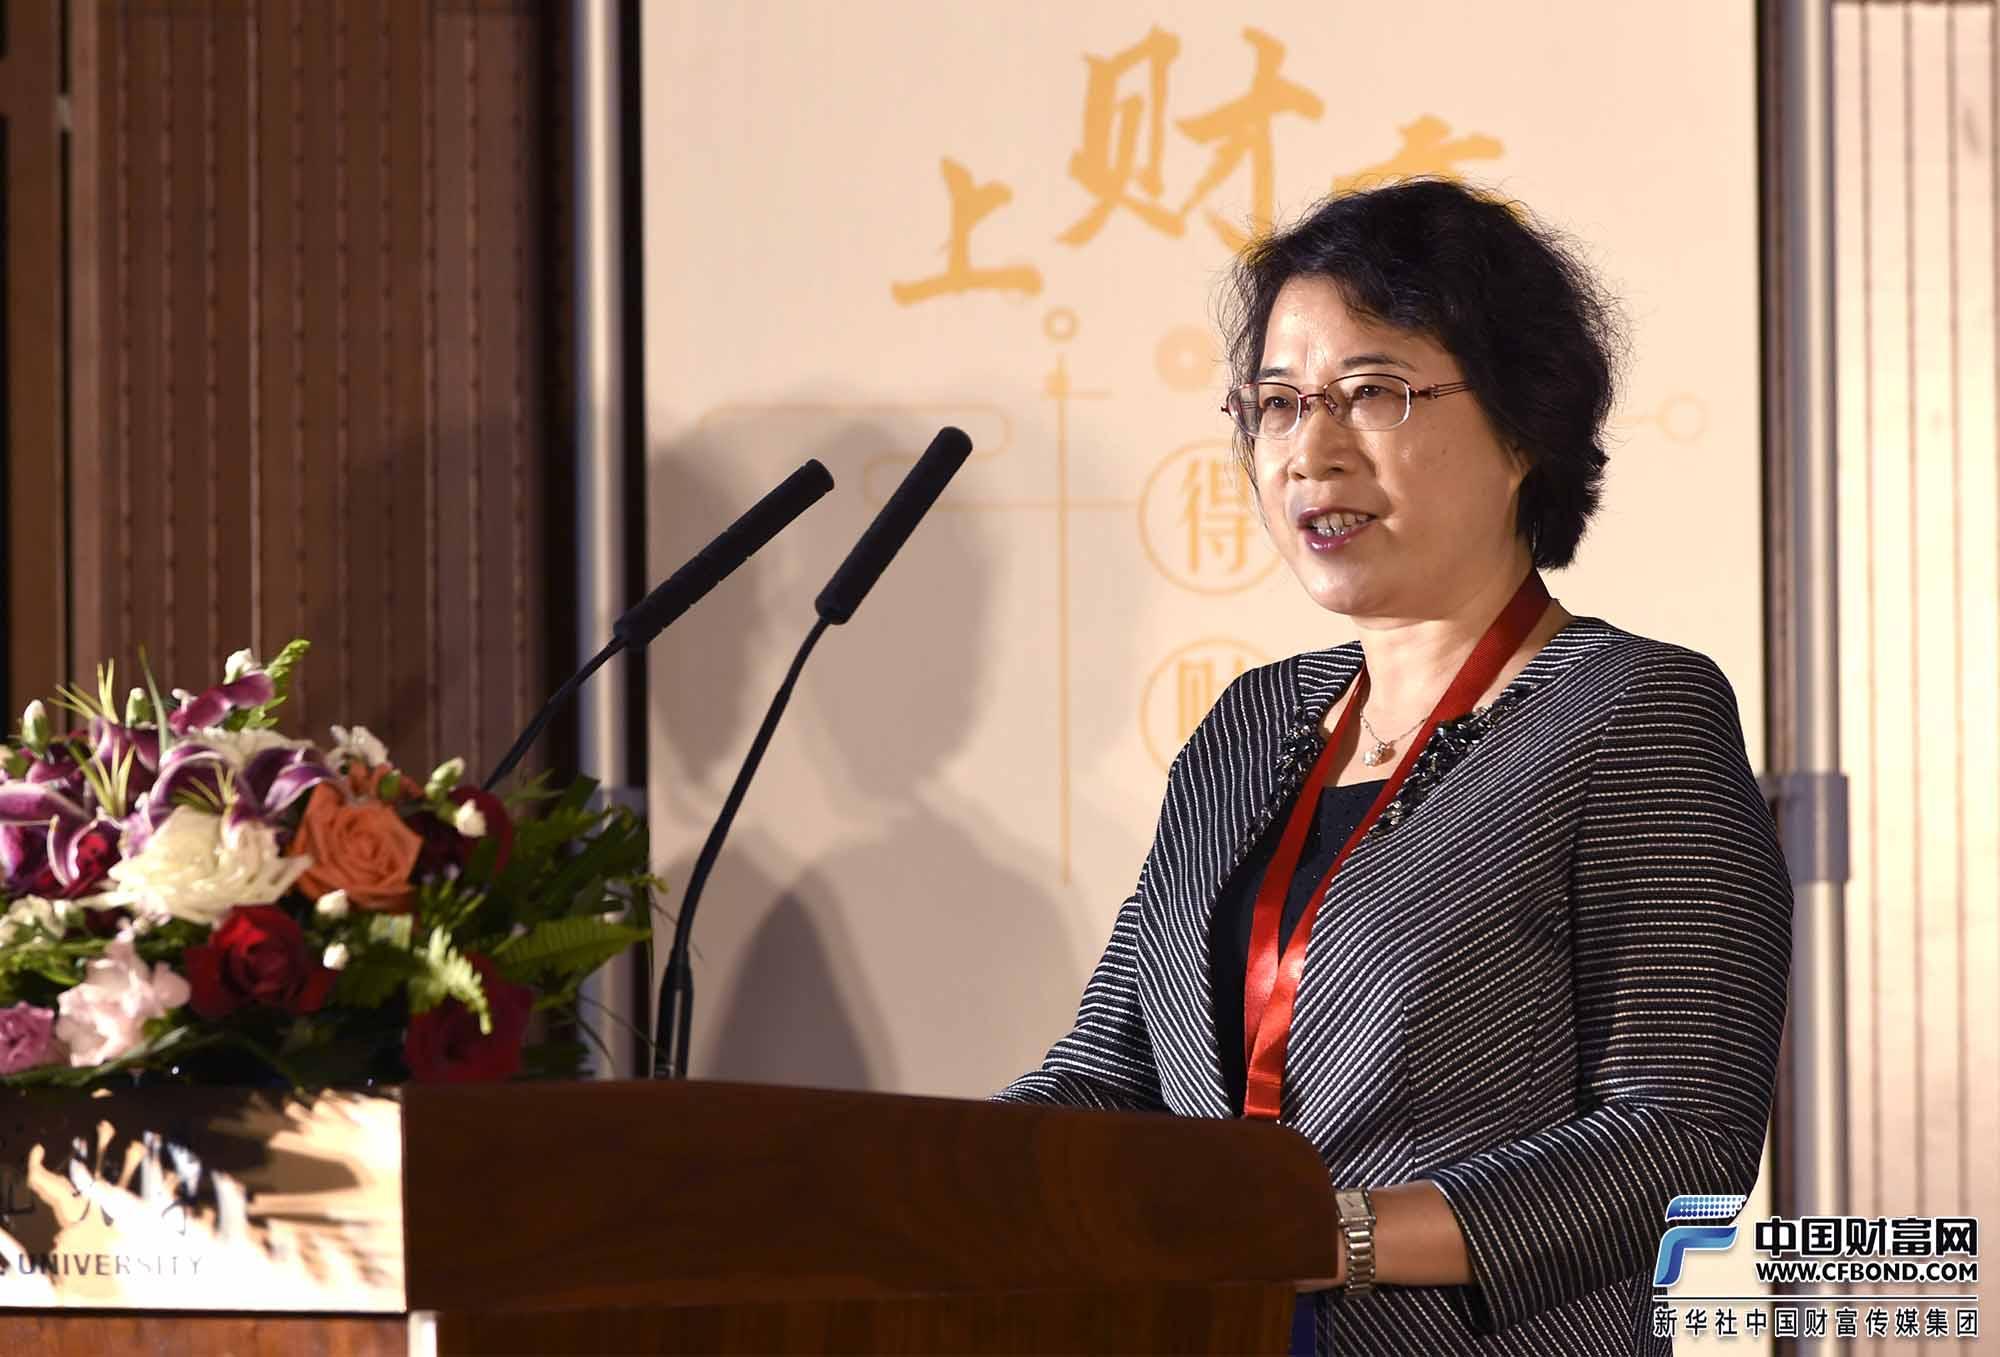 刘慧兰:重视财商素养教育 服务多层次资本市场发展